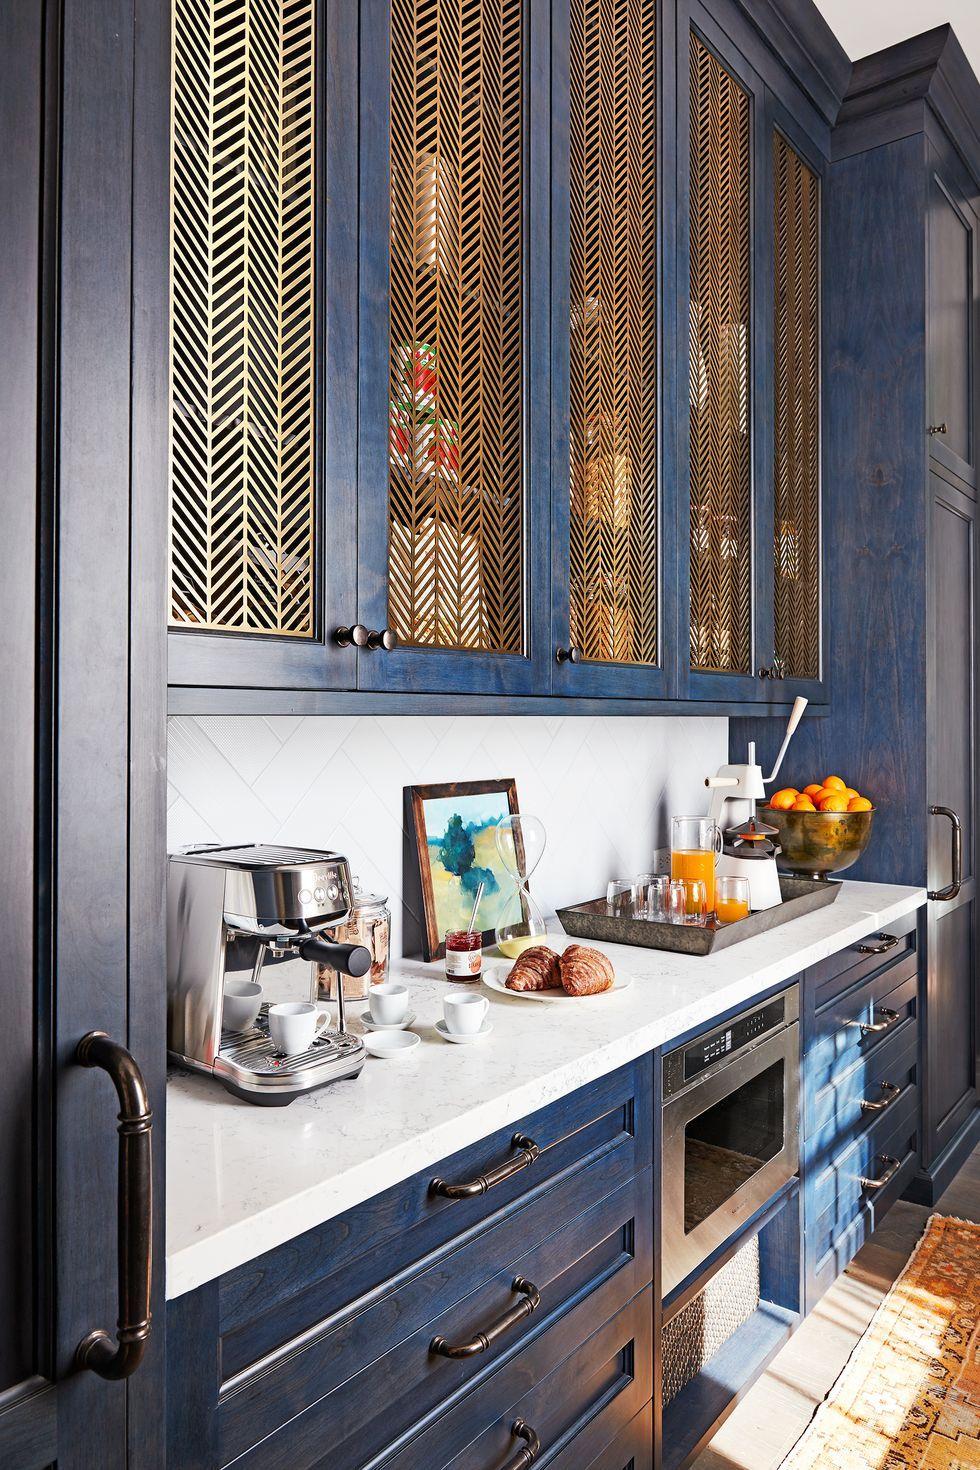 58 Kitchen Cabinet Design Ideas 2020 Unique Kitchen Cabinet Styles